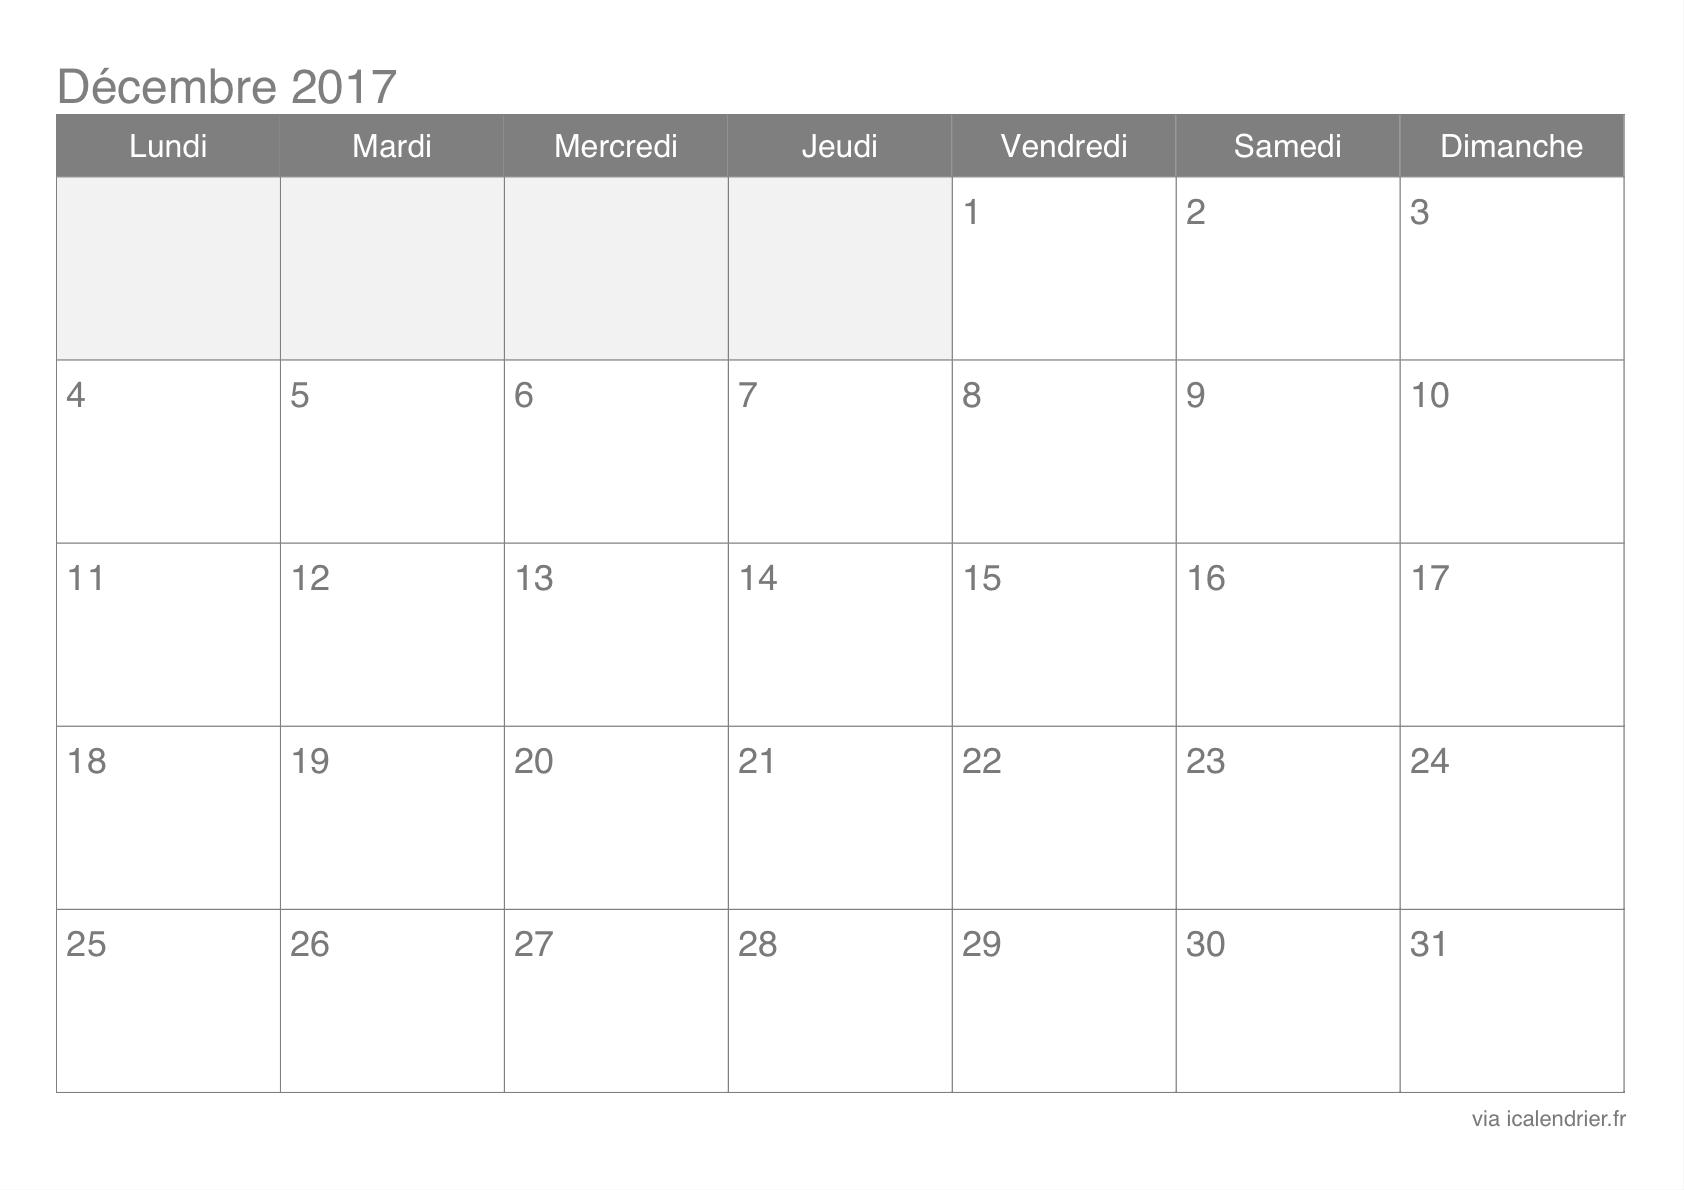 Calendrier Décembre 2017 À Imprimer - Icalendrier destiné Imprimer Un Calendrier 2017